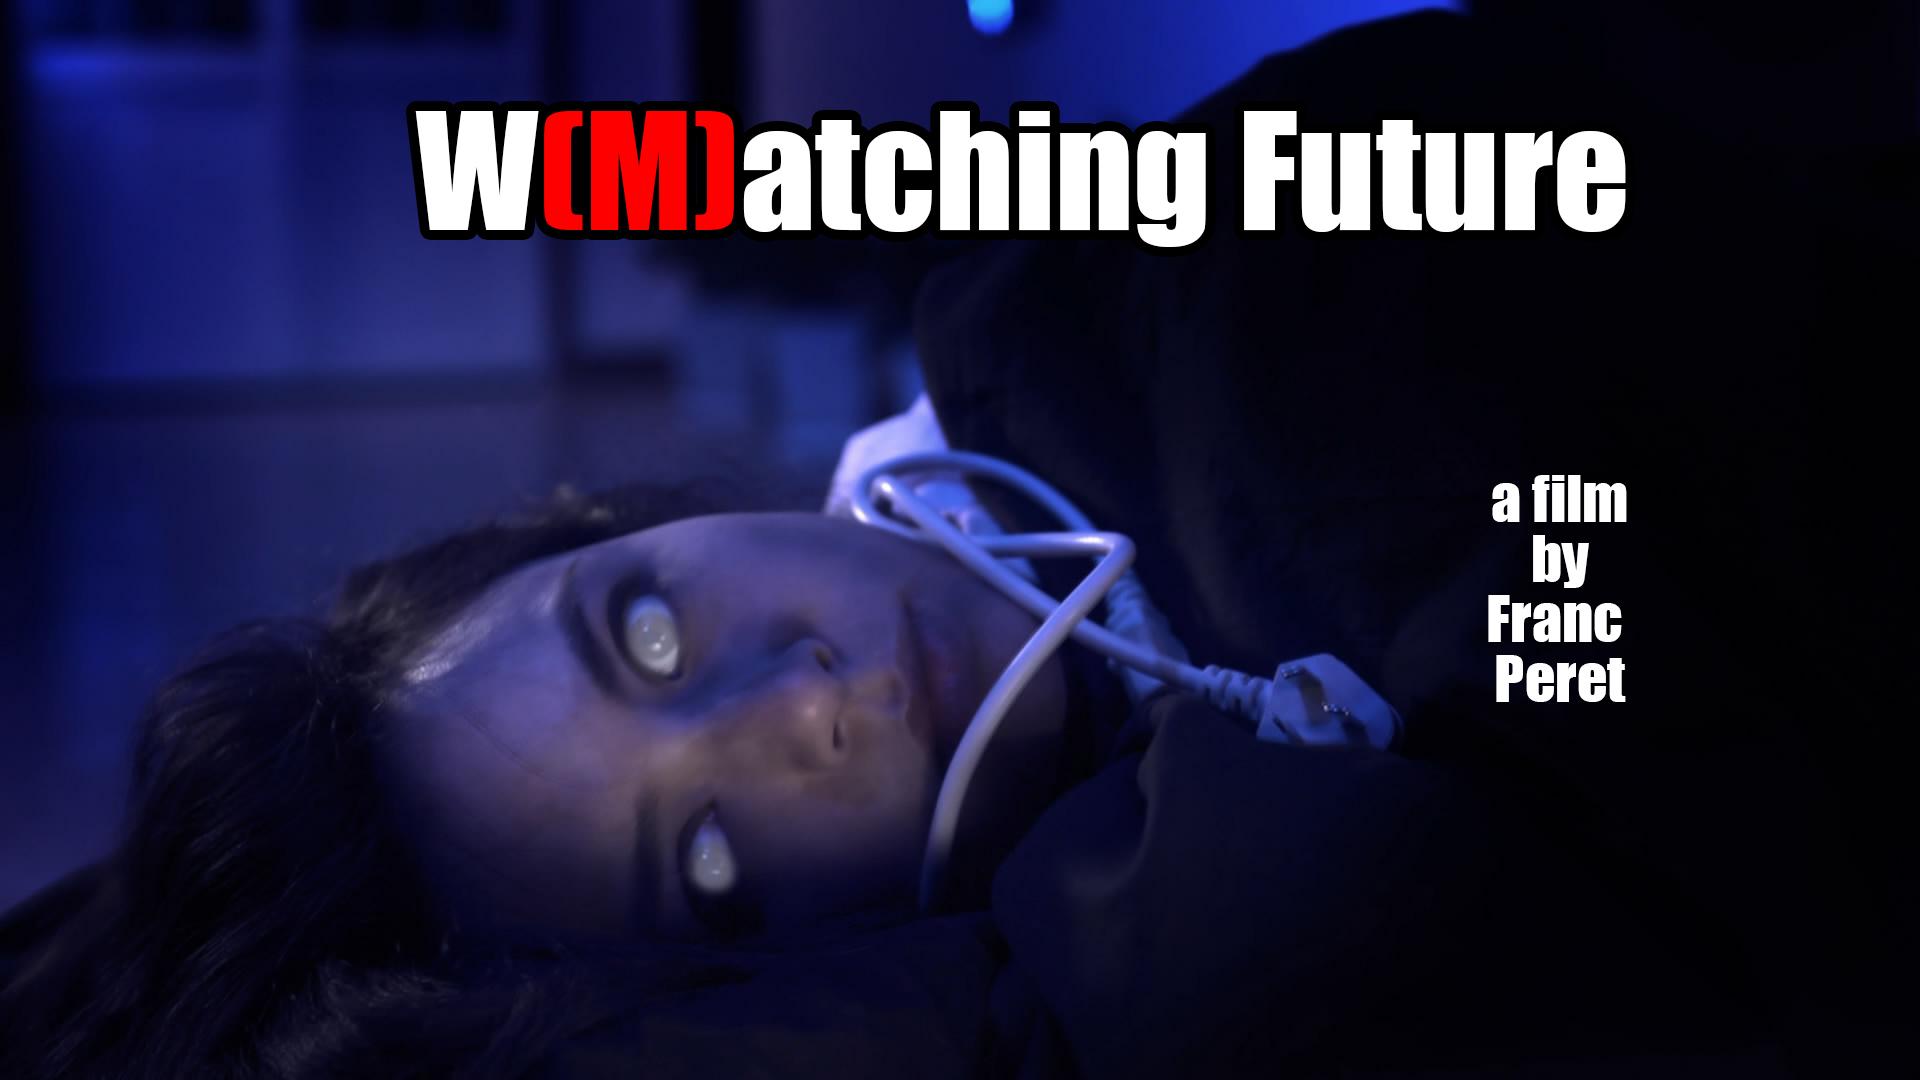 1402 WMatching Future 3 title